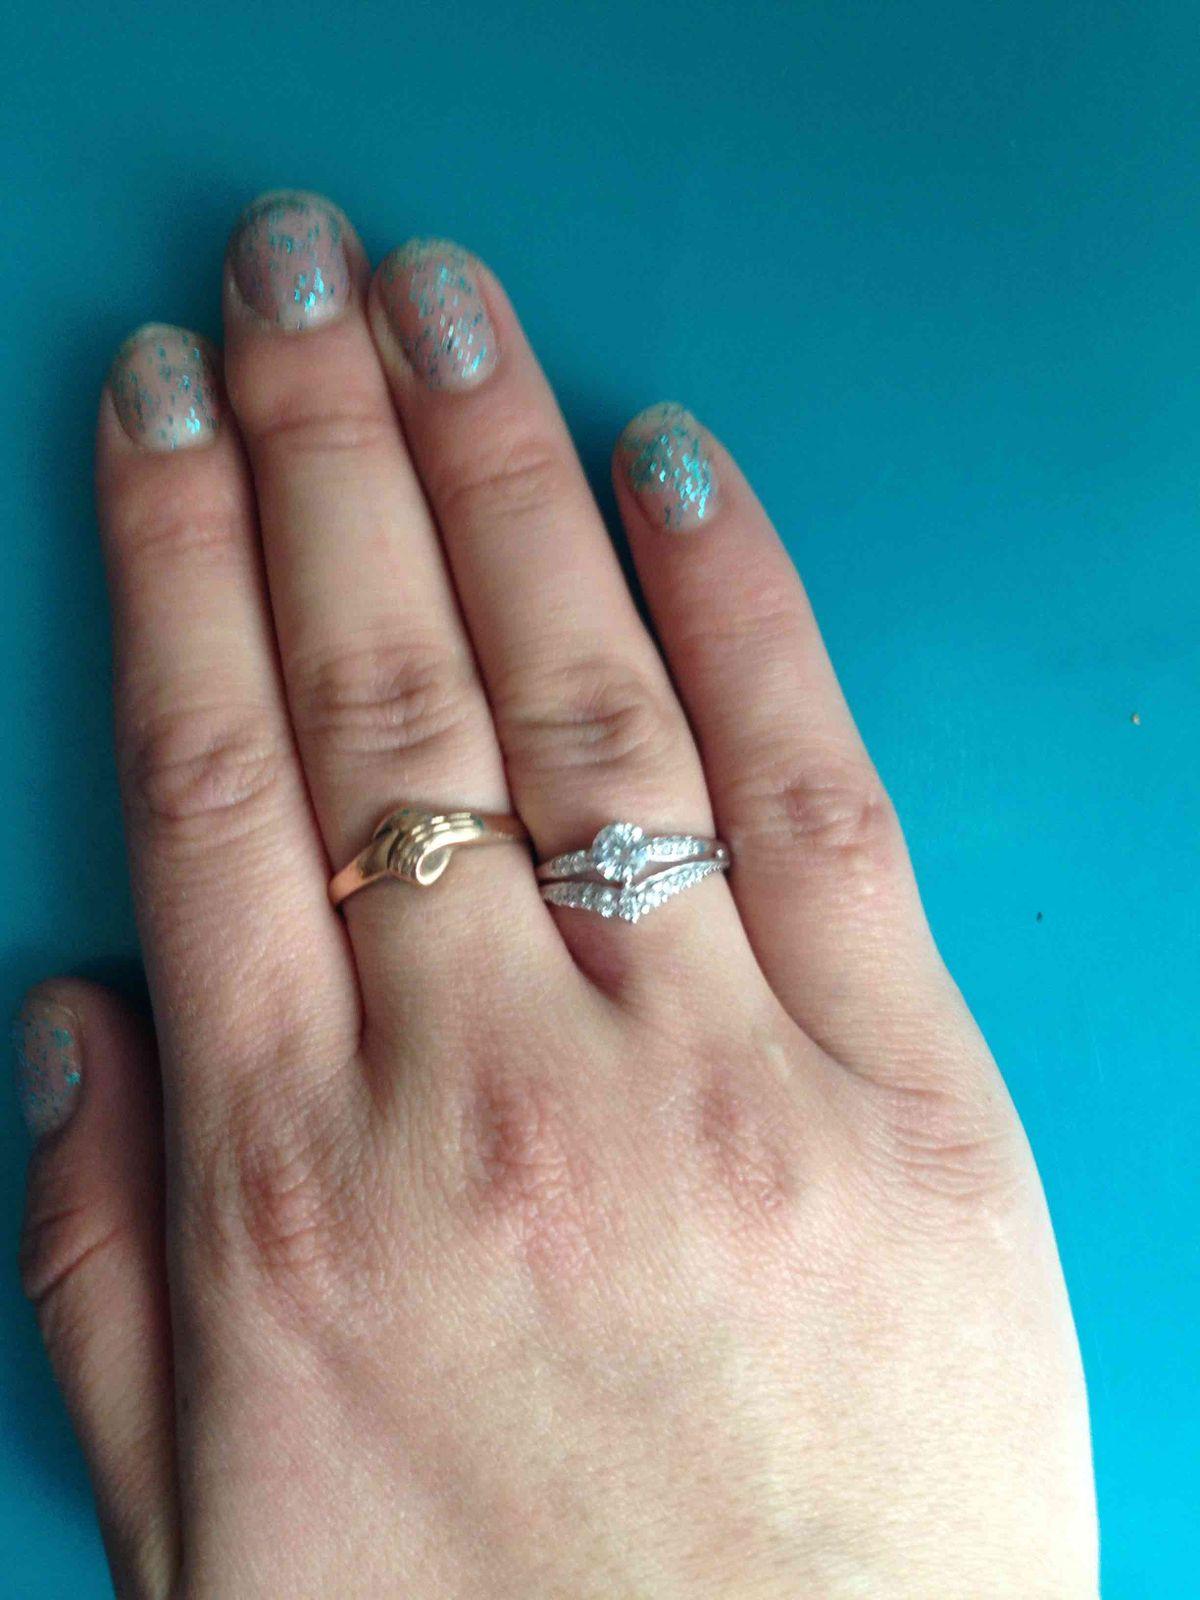 Очень милое кольцо на пальчике смотрится богато и нежно . Очень понравилось